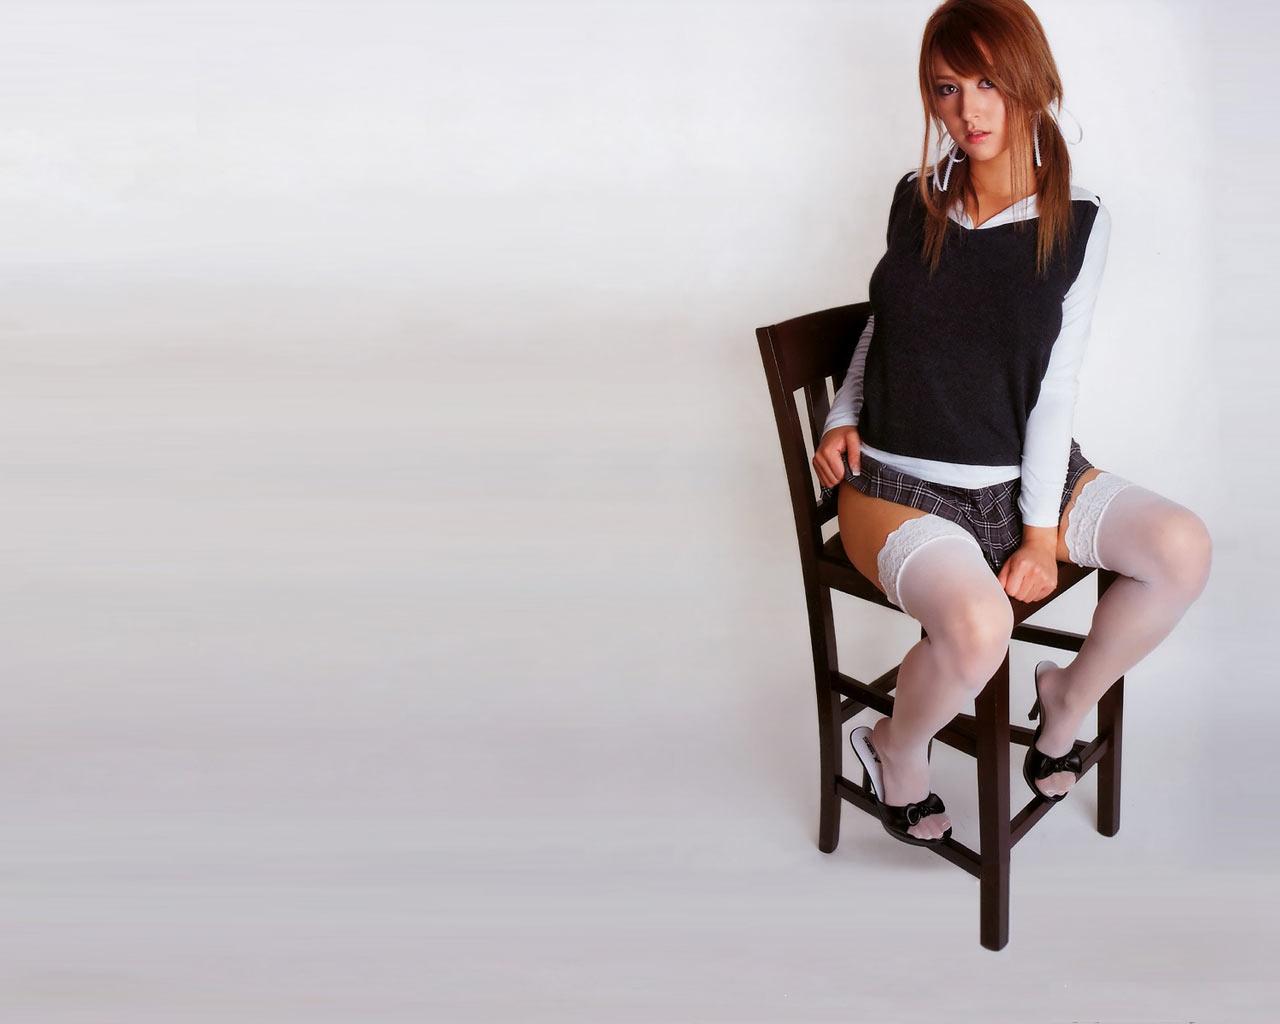 женщины на стуле показывают ножки негра очень